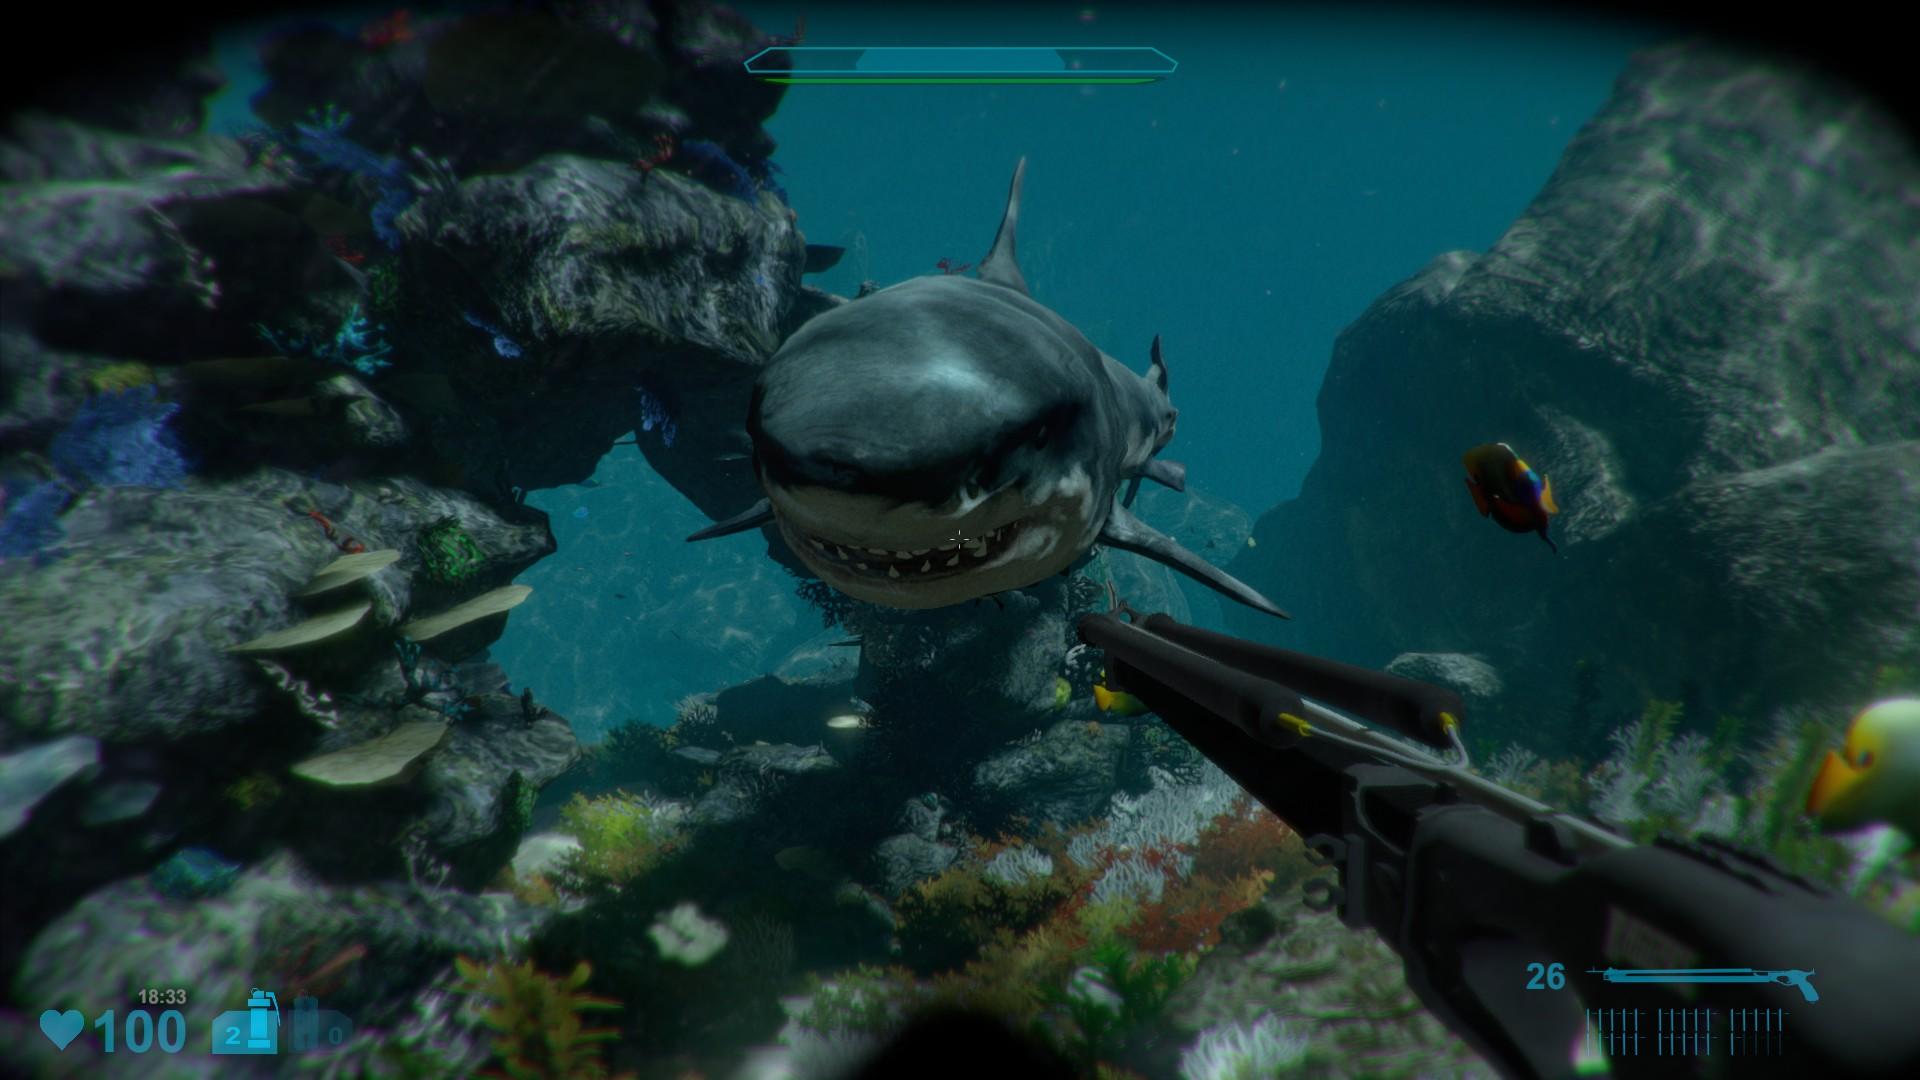 Link Tải Game Shark Attack Deathmatch 2 Chơi Online Miễn Phí Thành Công